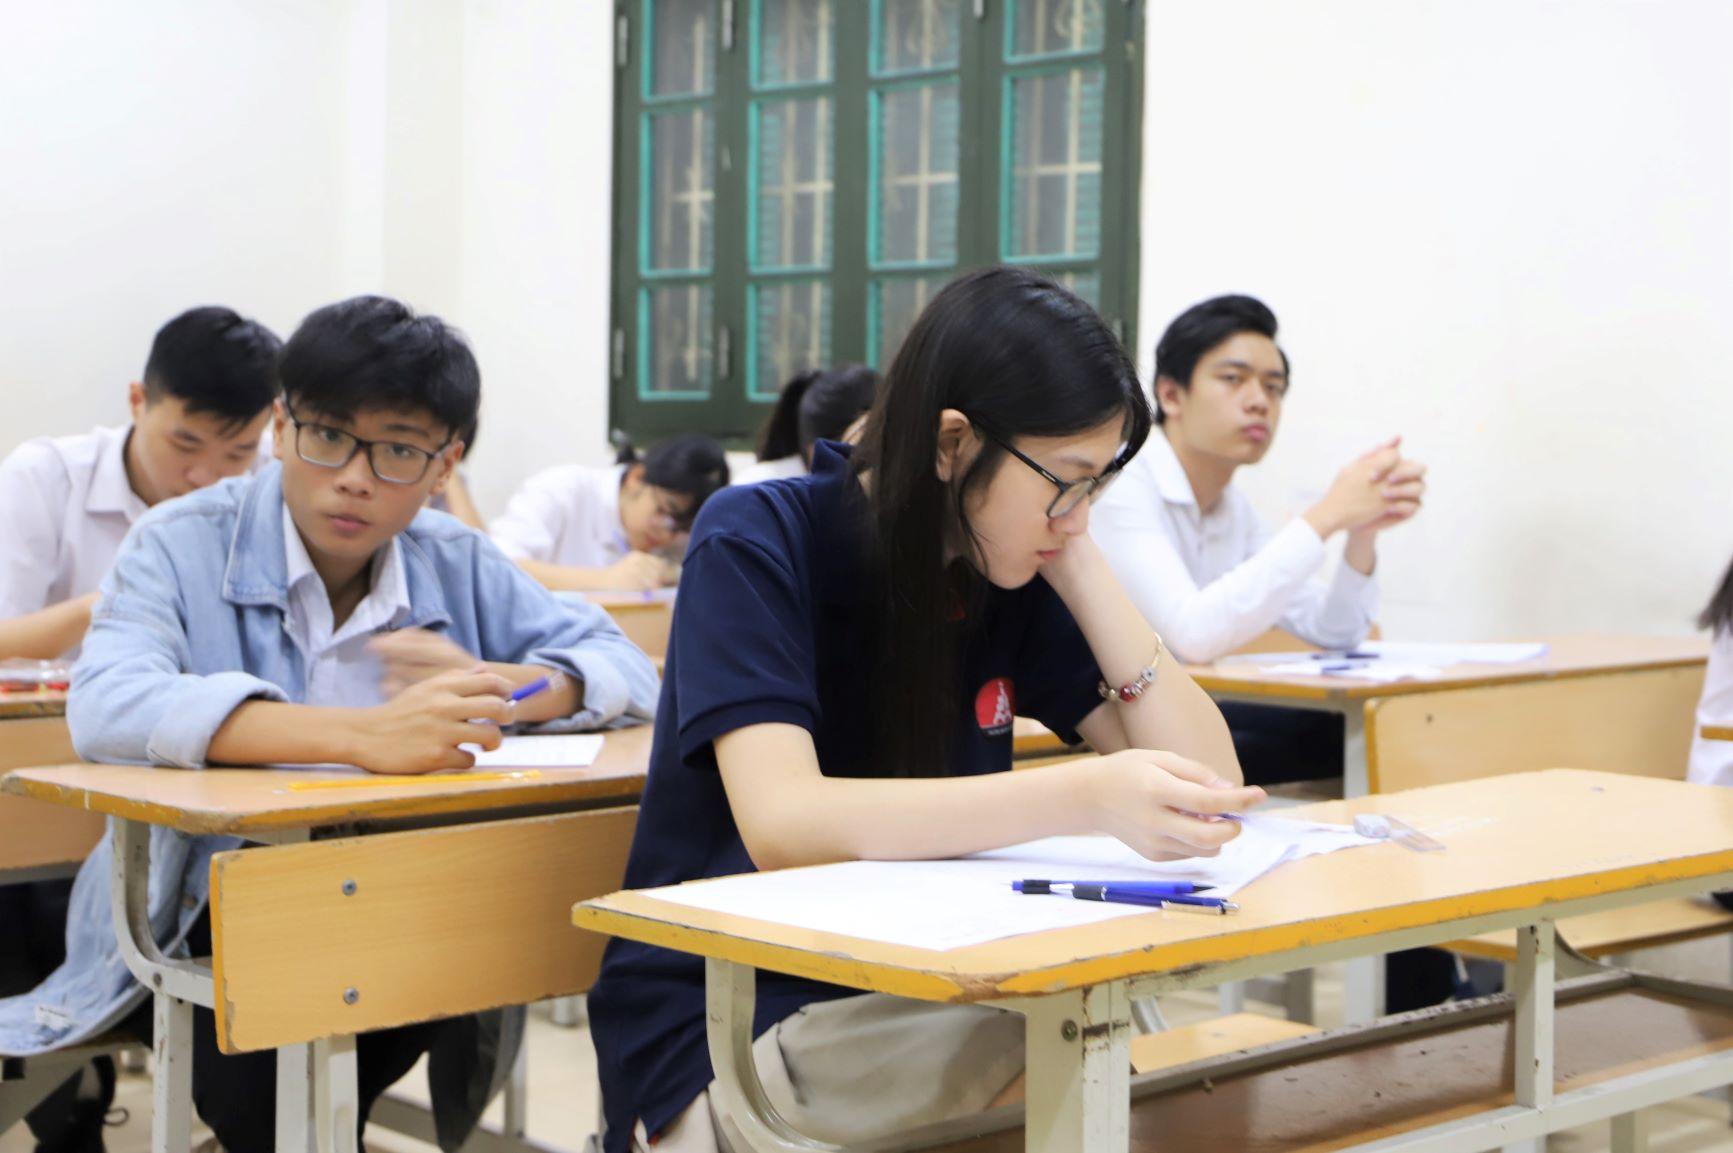 Thí sinh sẽ làm bài thi Ngữ văn trong vòng 120 phút, hình thức tự luận. Đề thi được Sở GD&ĐT nhấn mạnh nằm chủ yếu ở chương trình lớp 9.